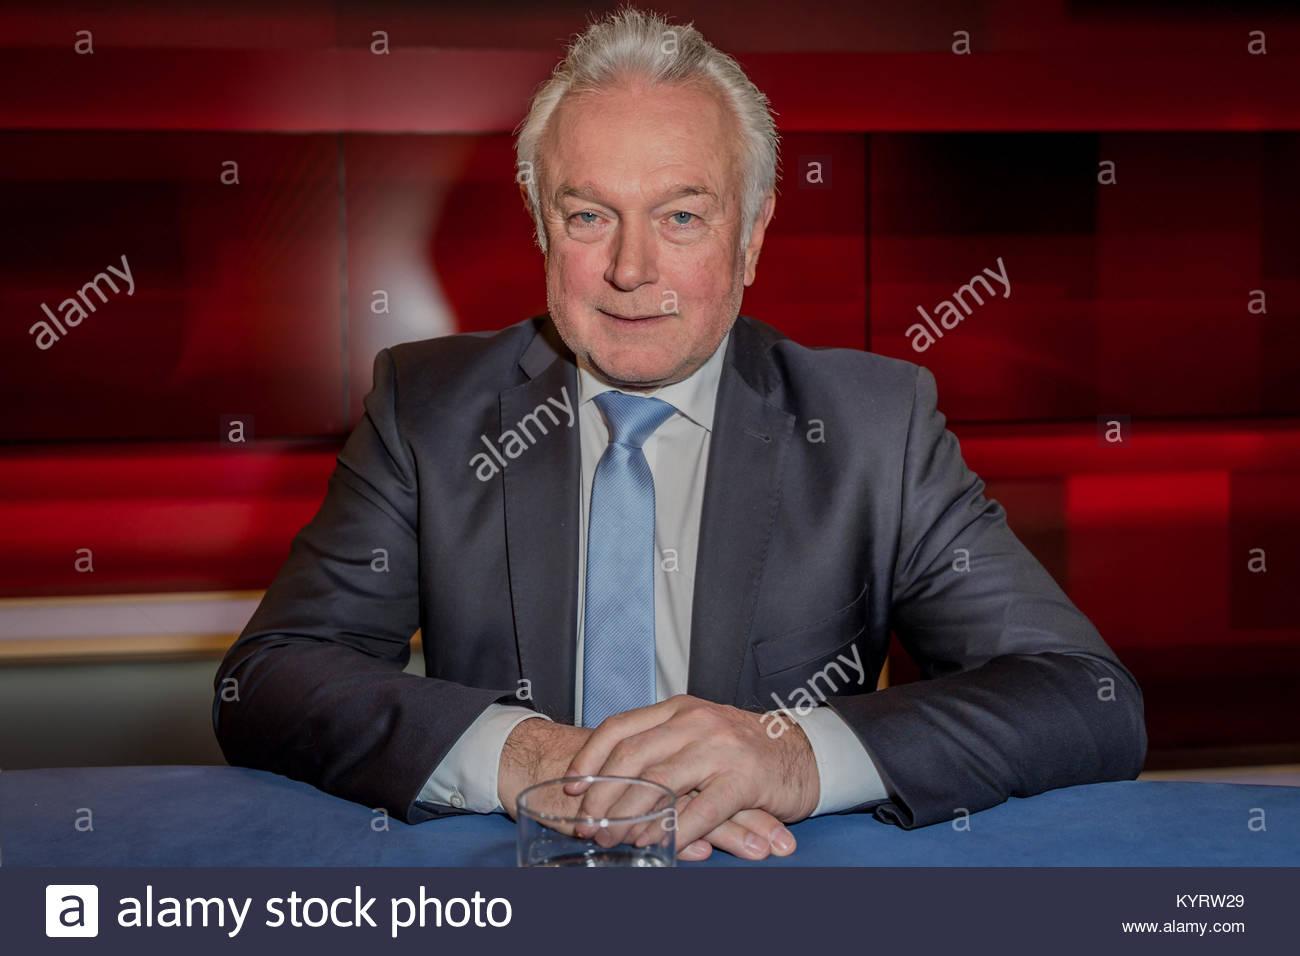 Wolfgang Kubicki, Vizepraesident des Deutschen Bundestages, stellvertretender FDP-Bundesvorsitzender bei Hart aber - Stock Image